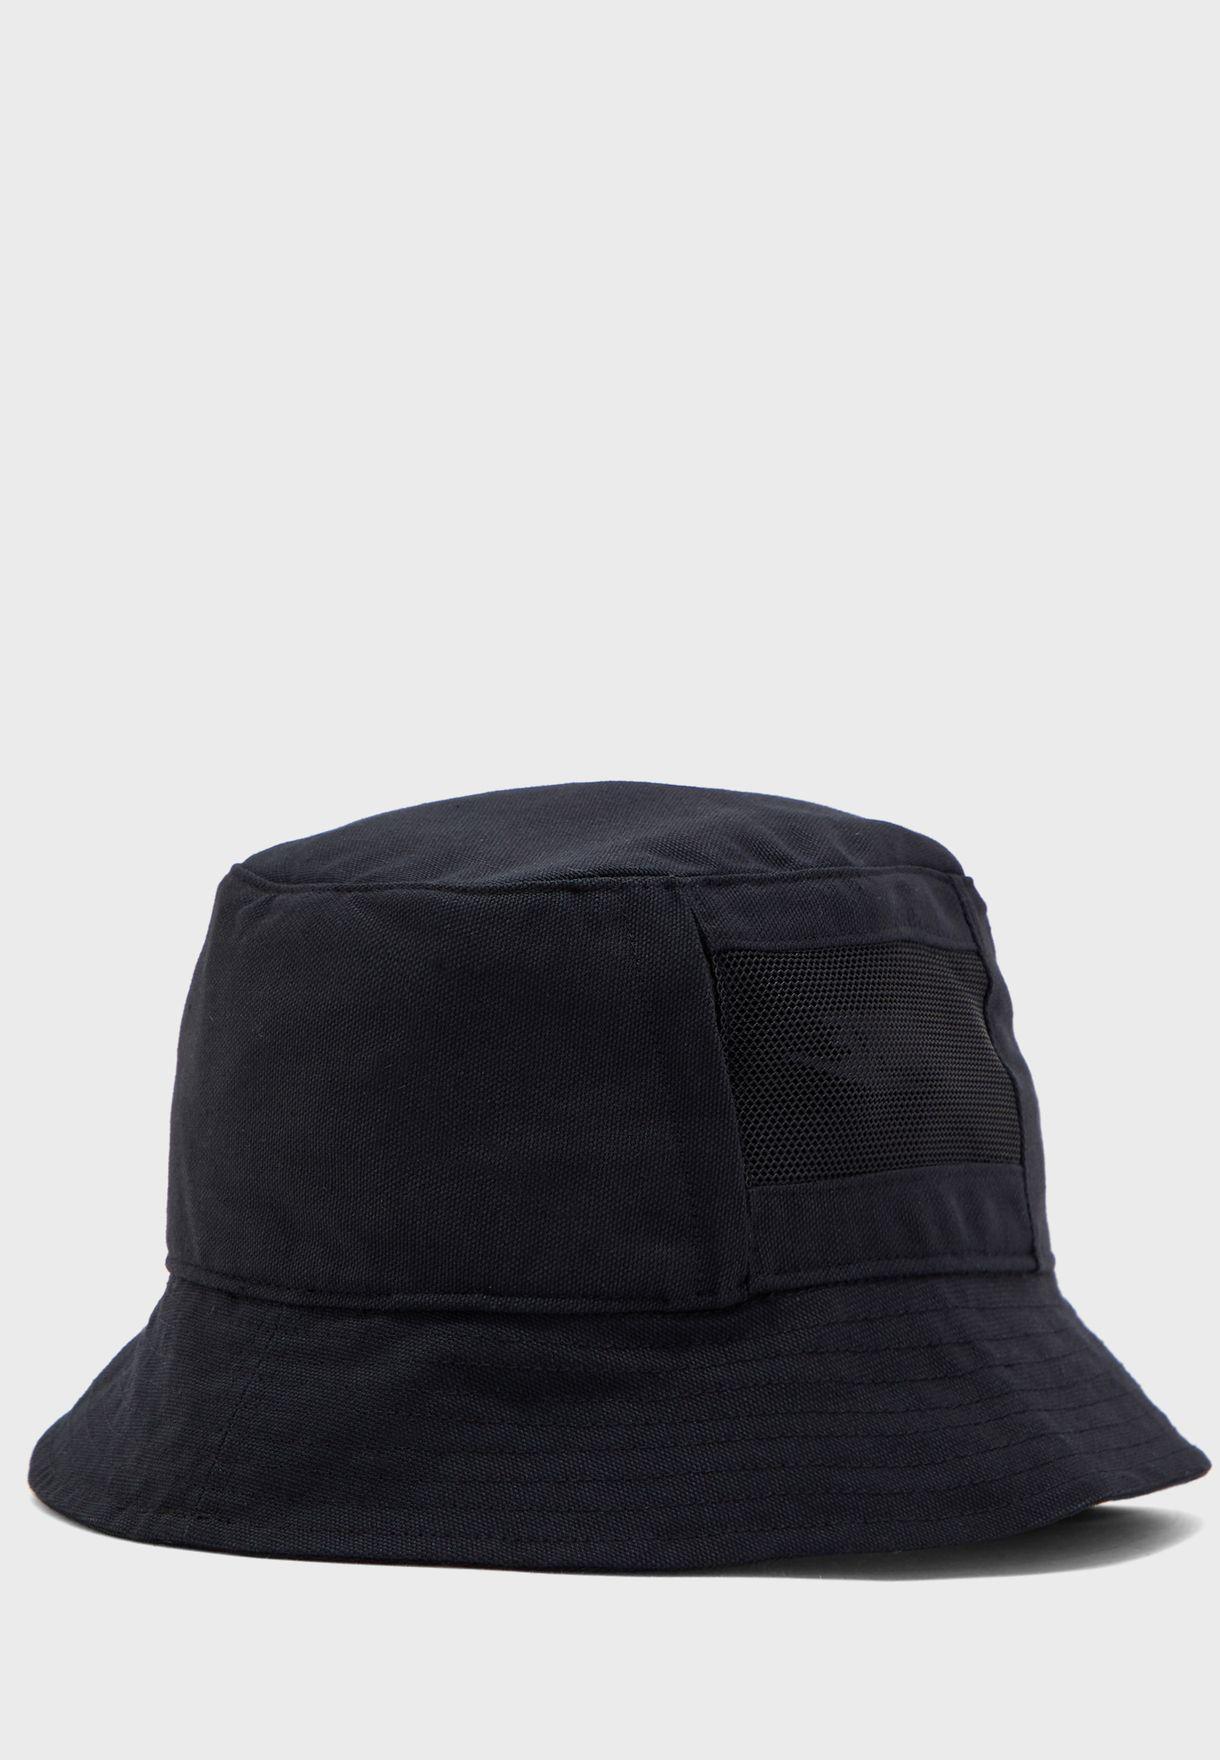 قبعة ان اس دبليو